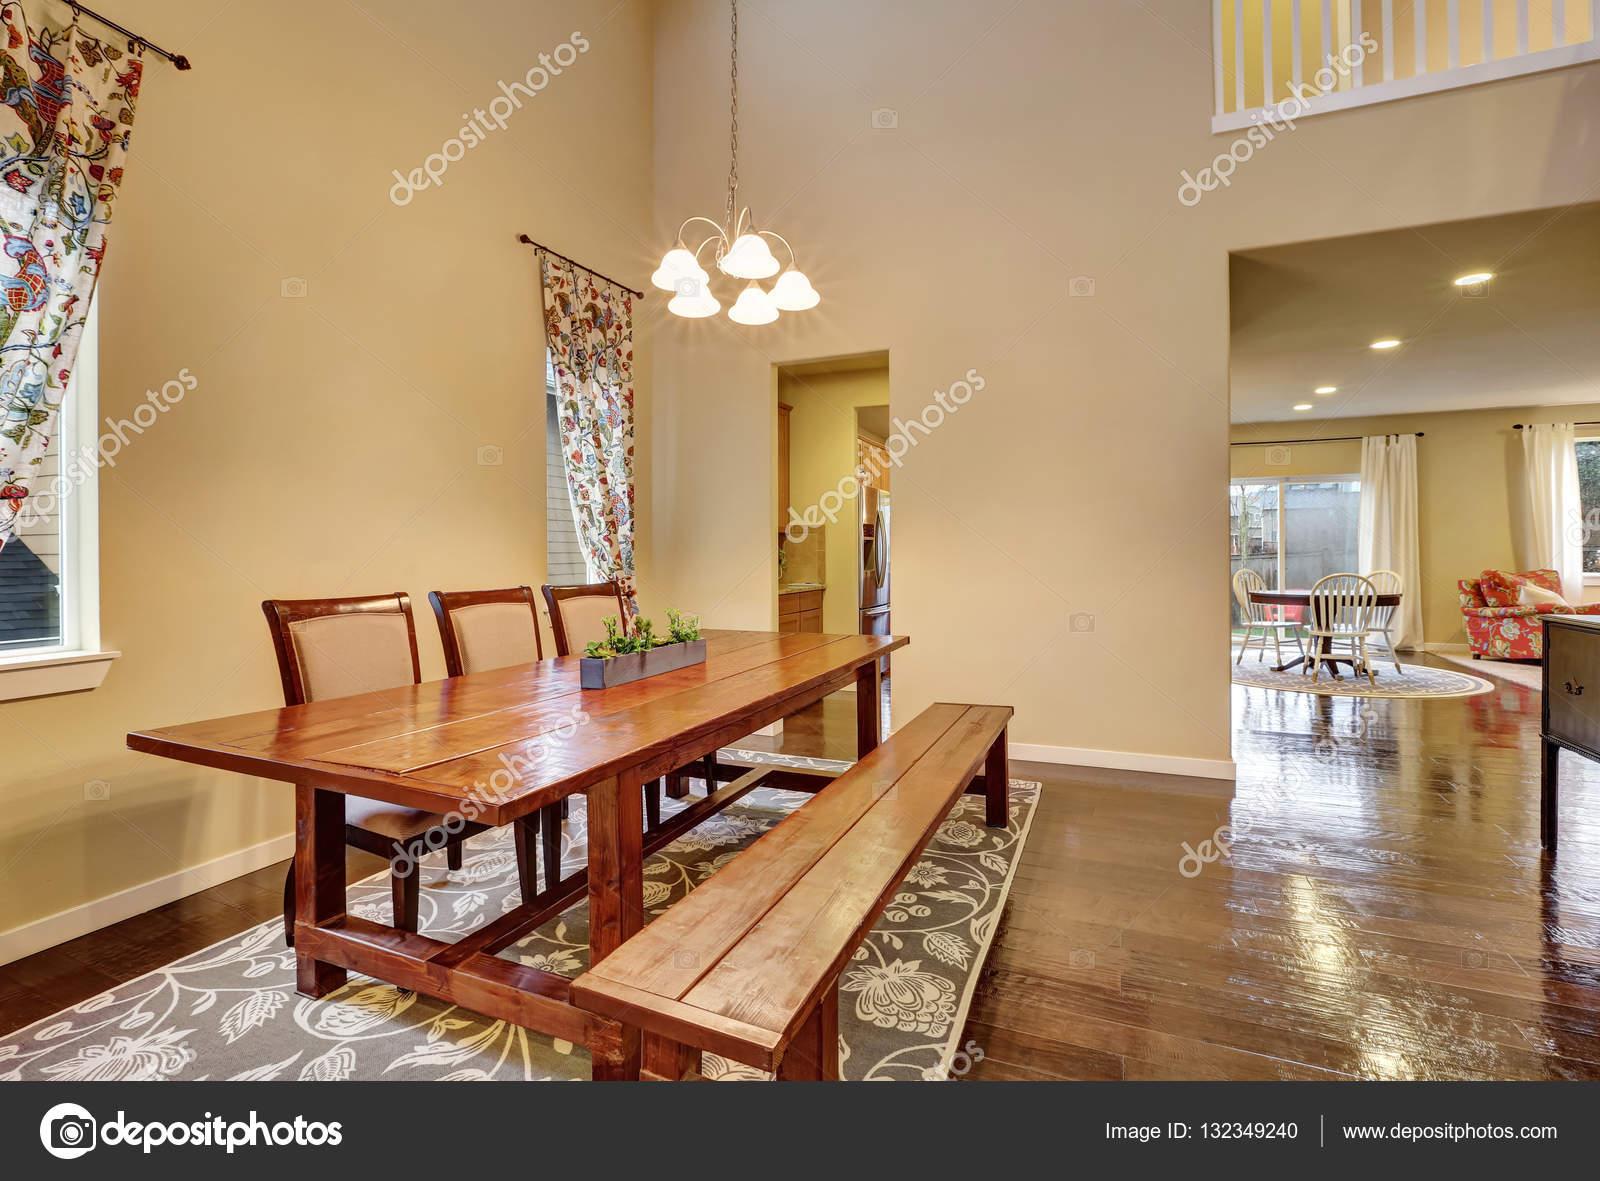 Salle A Manger Avec Table En Bois Rustique Et Banc Photographie